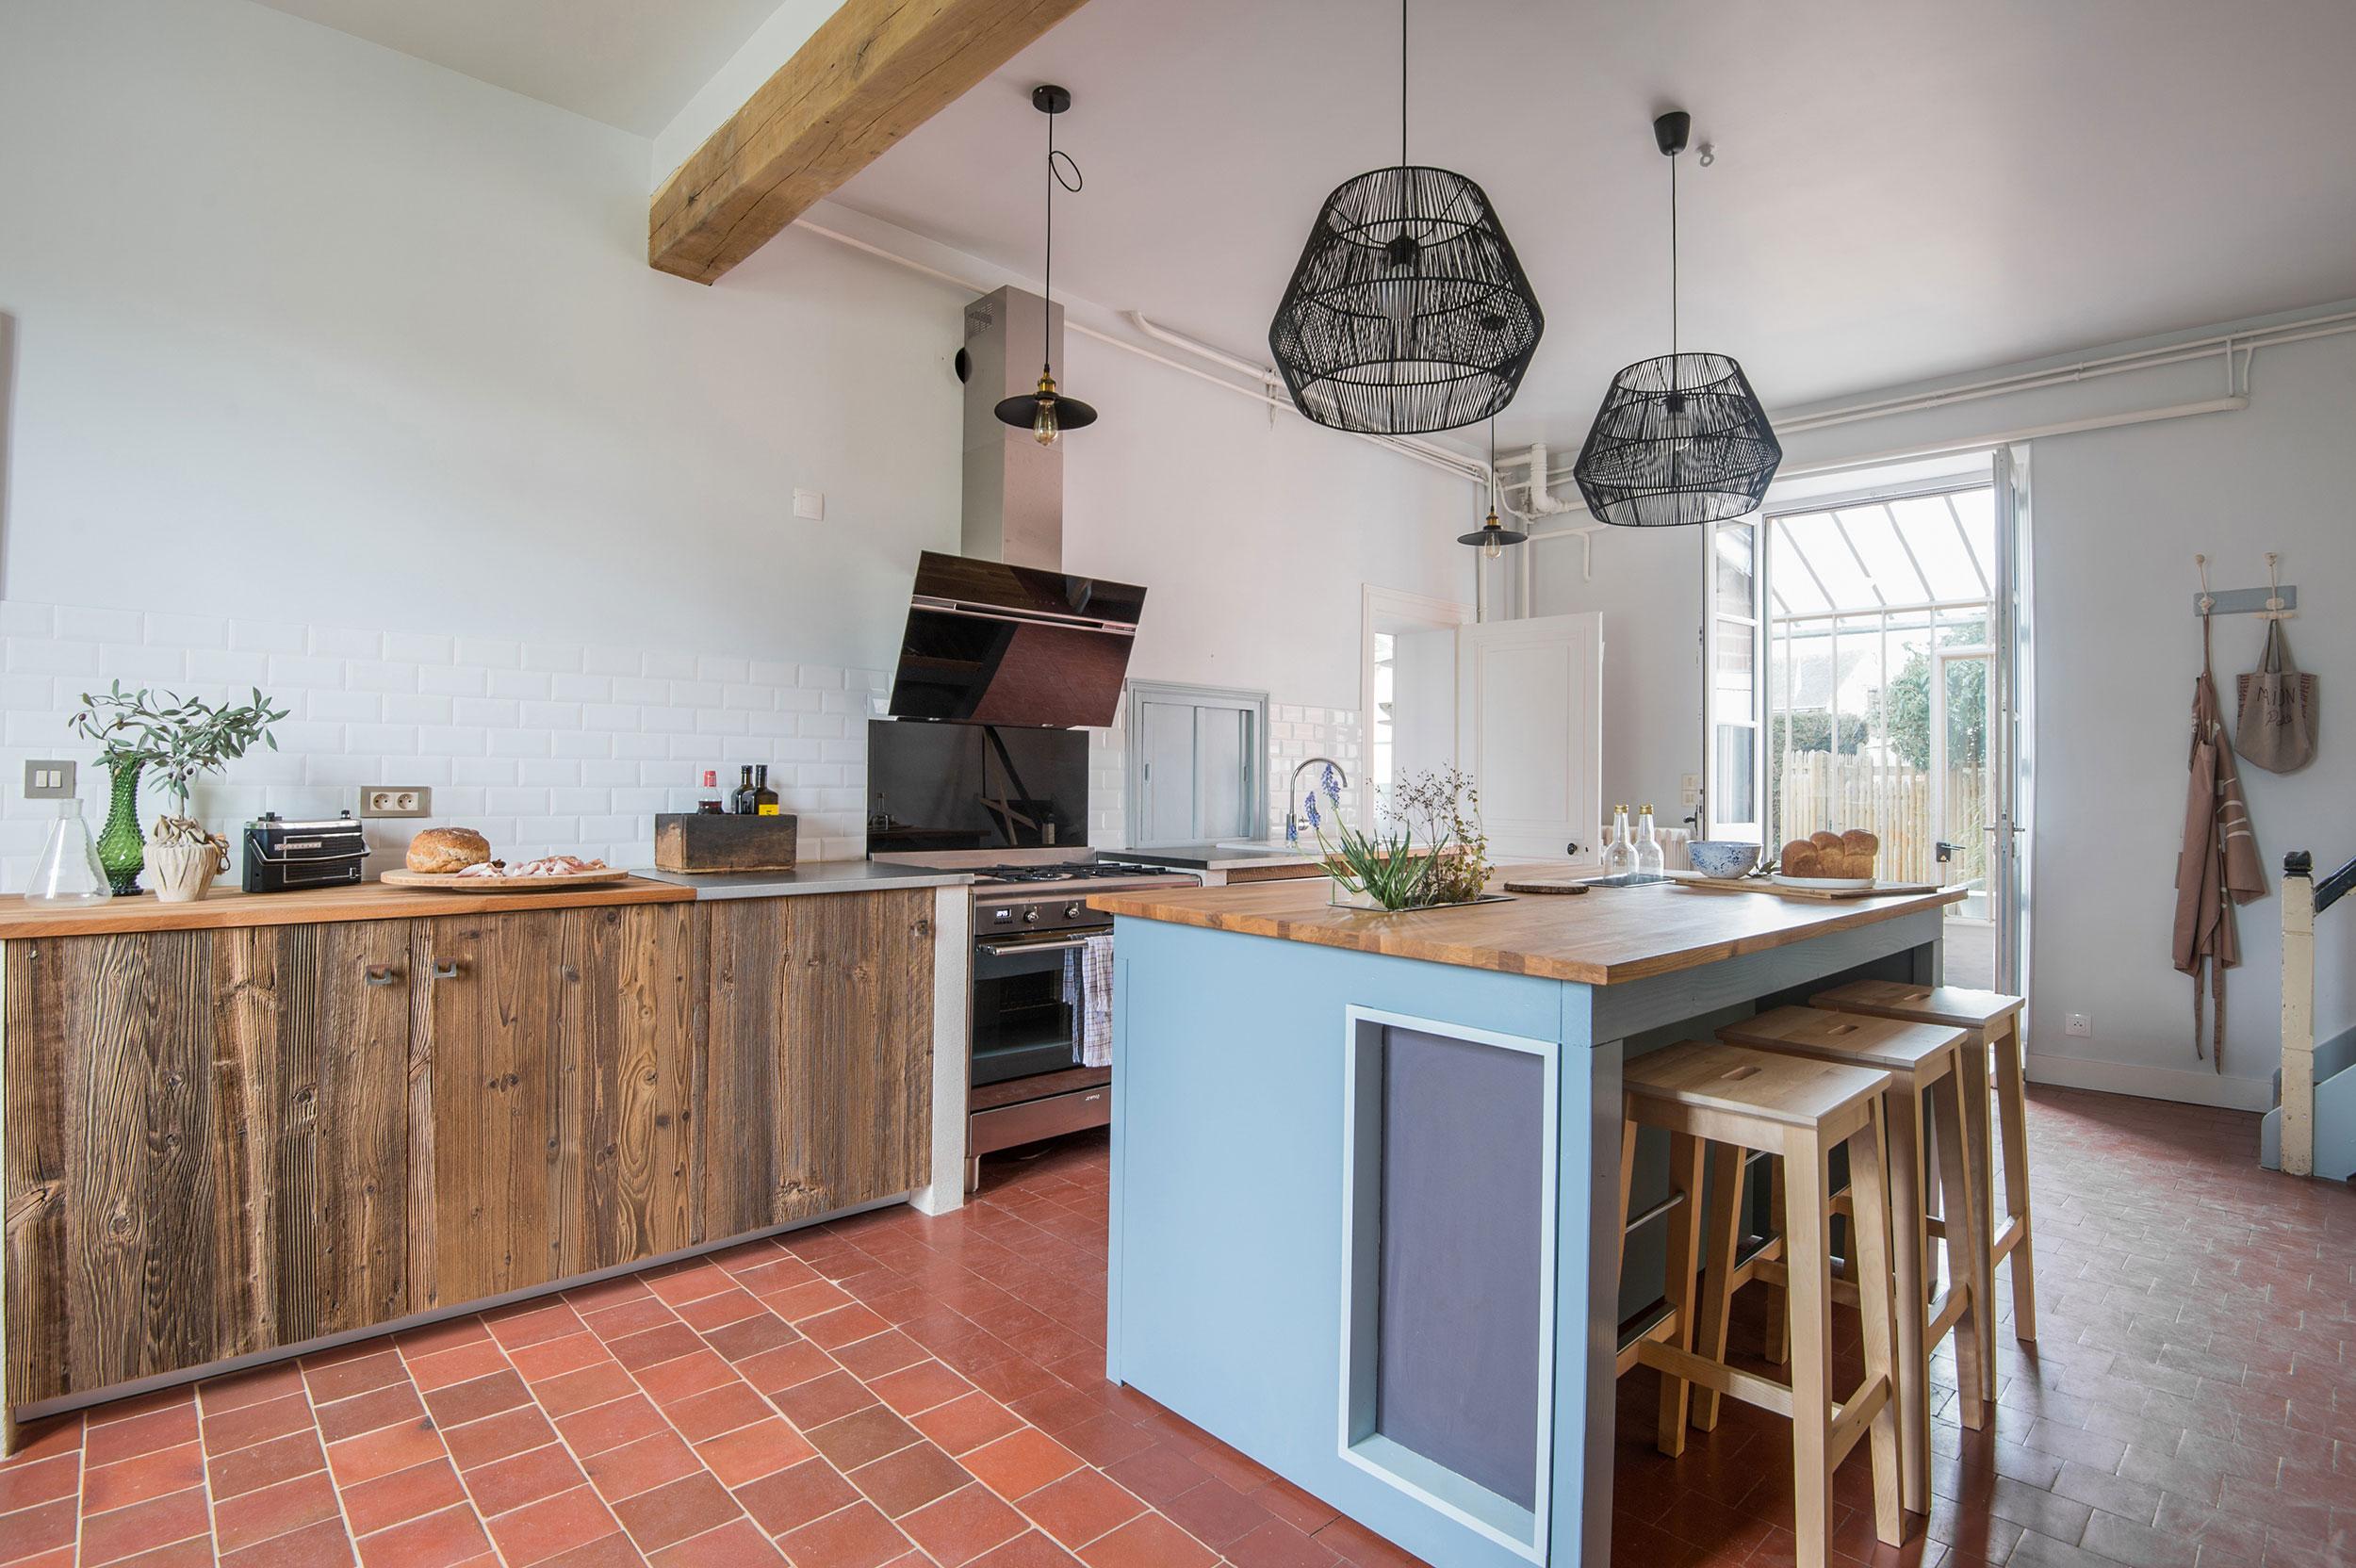 Maison_Paulette-cuisine-hébergement-campagne-particulier-séminaire-professionnel